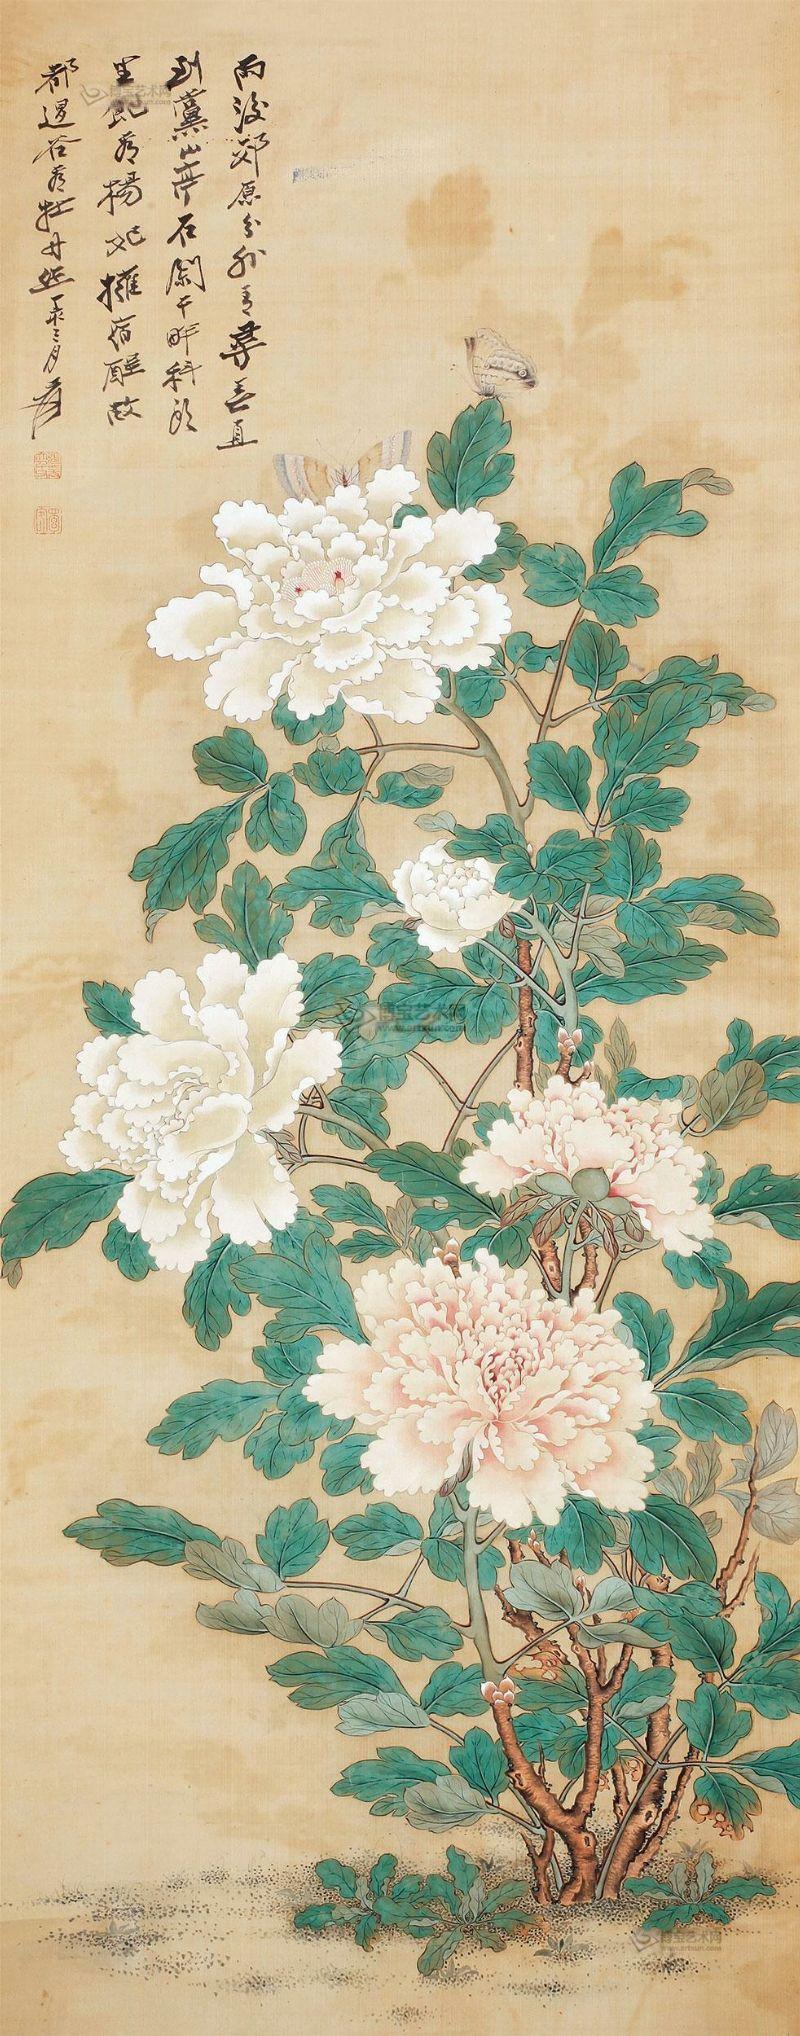 图片鉴赏 牡丹双蝶图 立轴 绢本 博宝艺术品拍卖网 korean art chinese art japanese art